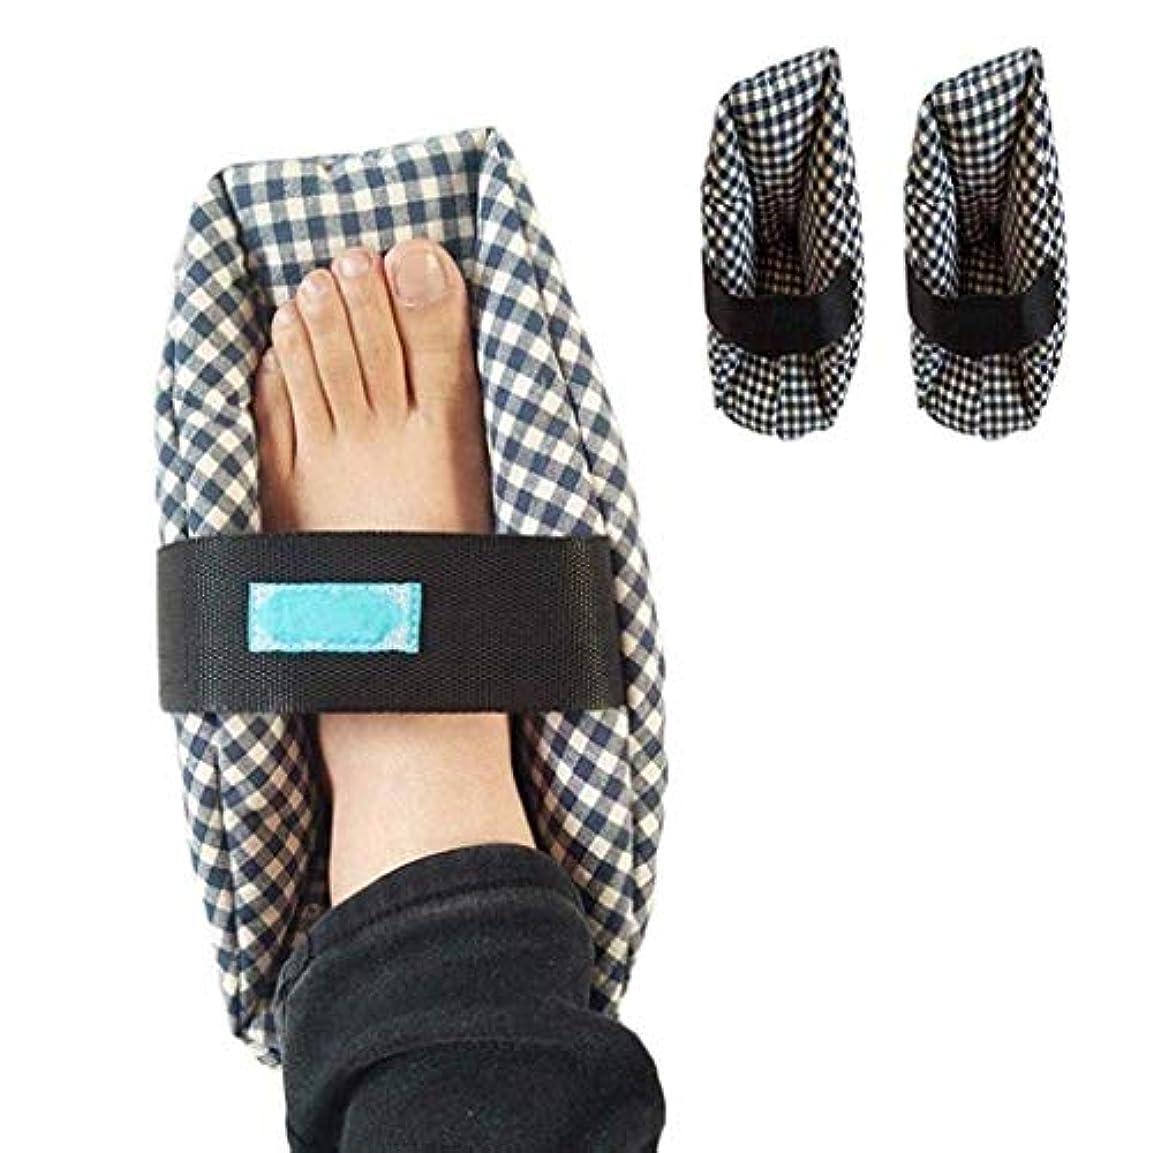 に渡って影響力のある重要性柔らかい快適なかかとプロテクター枕高齢者の足の補正カバーかかとパッドプロテクター反De瘡腫れ足寝たきり患者